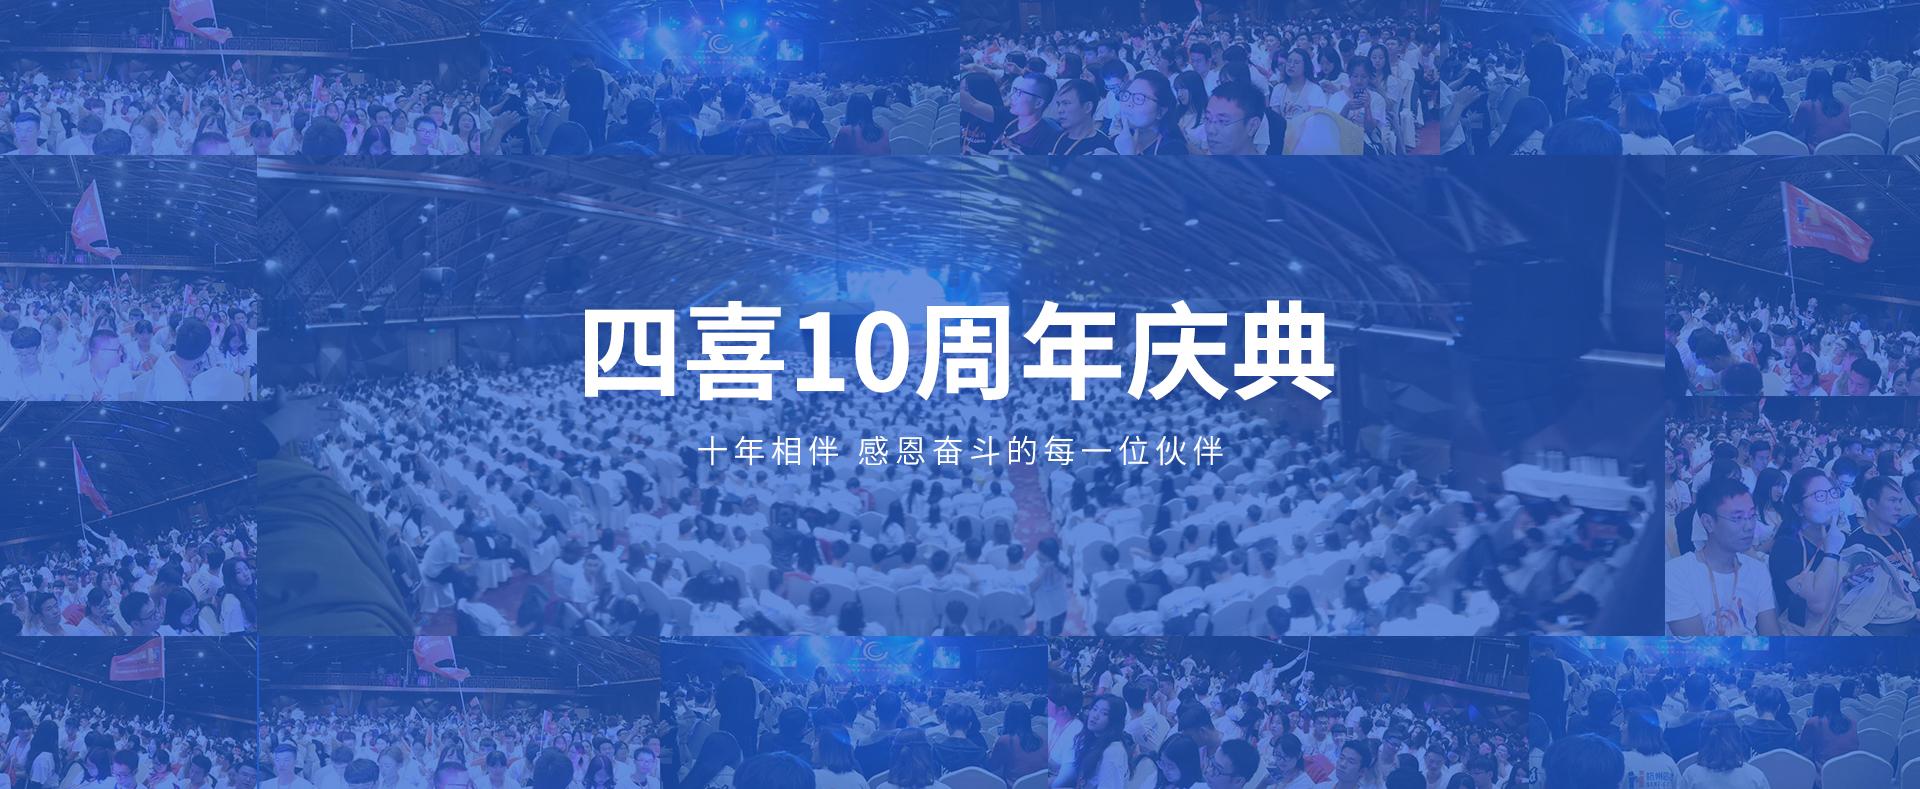 四喜10周年庆典